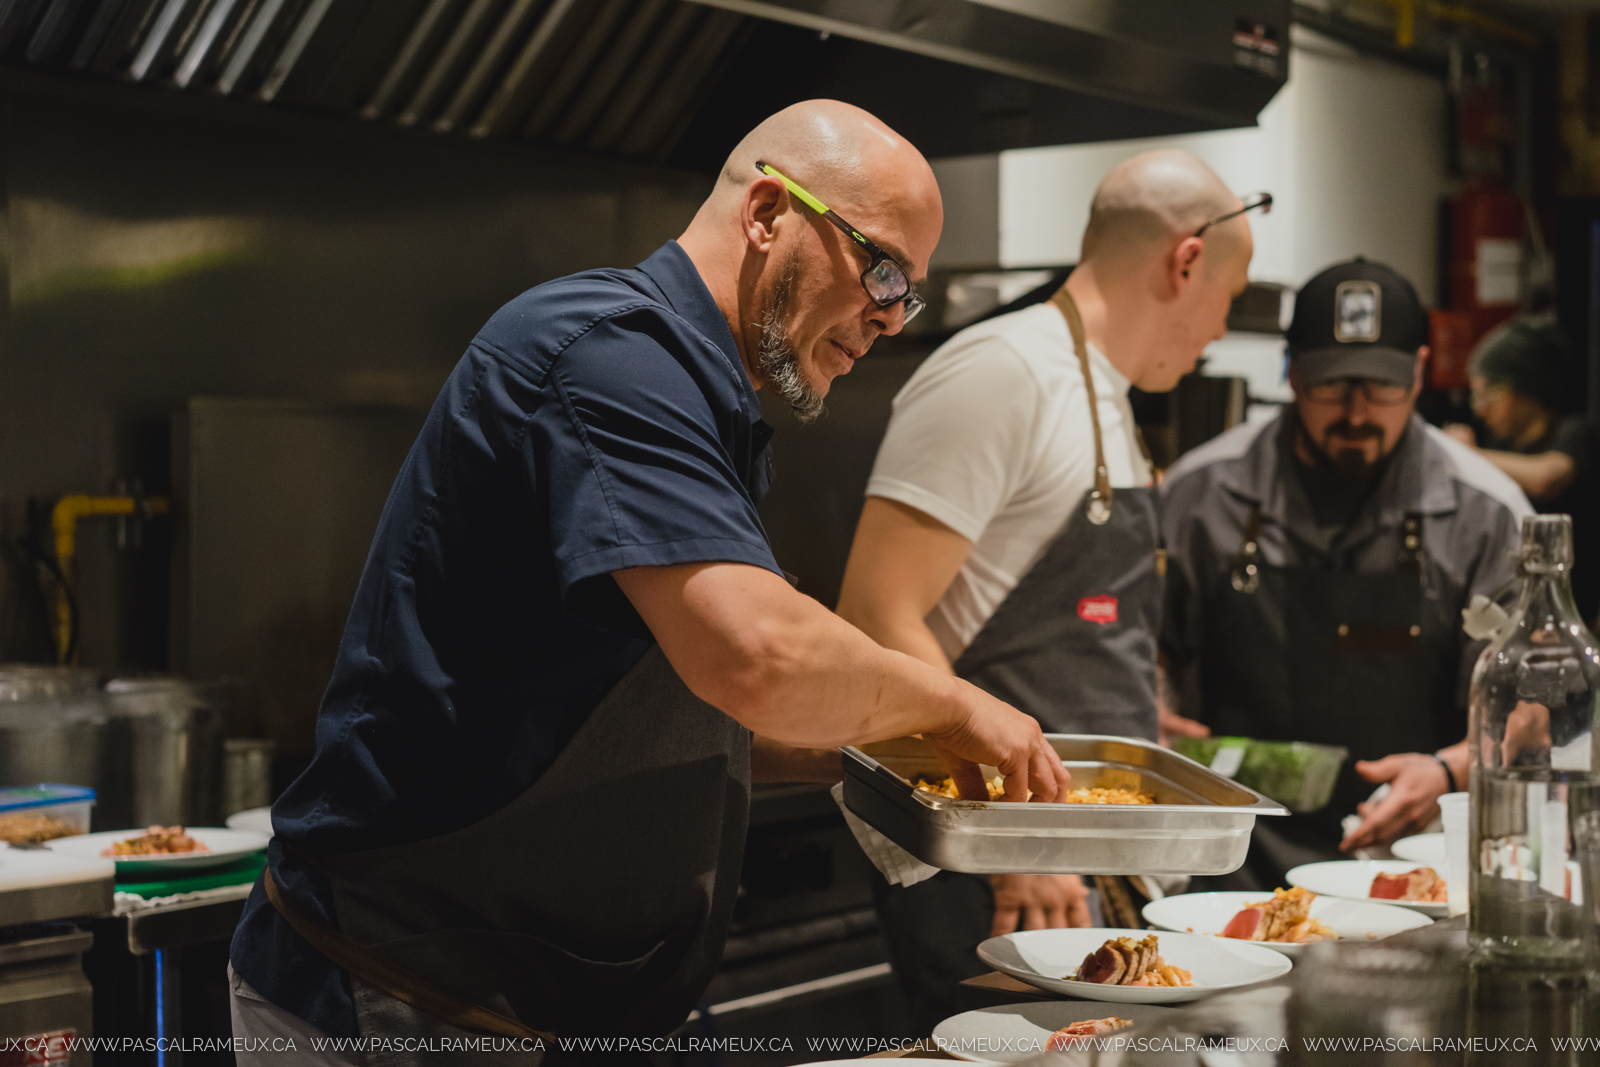 Photographe Culinaire Estrie